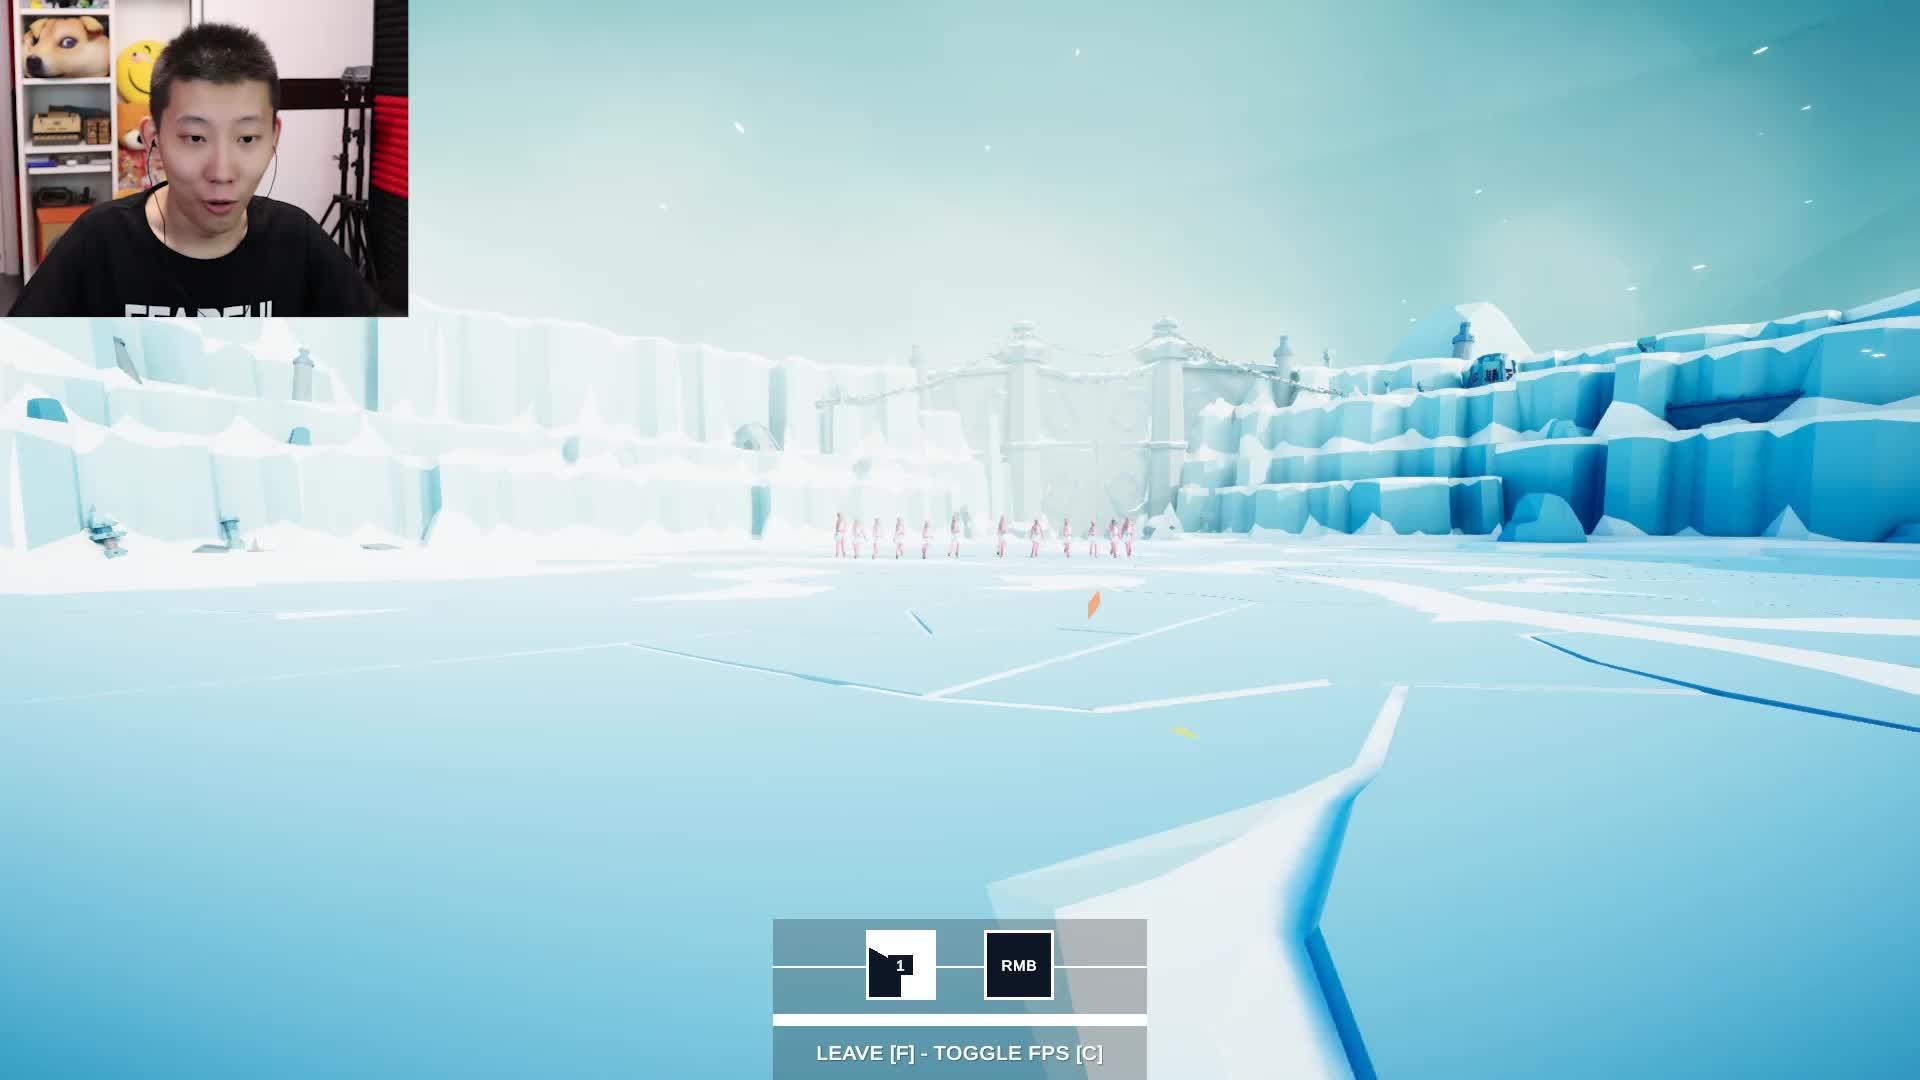 全面战争模拟器, 隐藏的冰霜斧子角色! 鲤鱼Ace解说